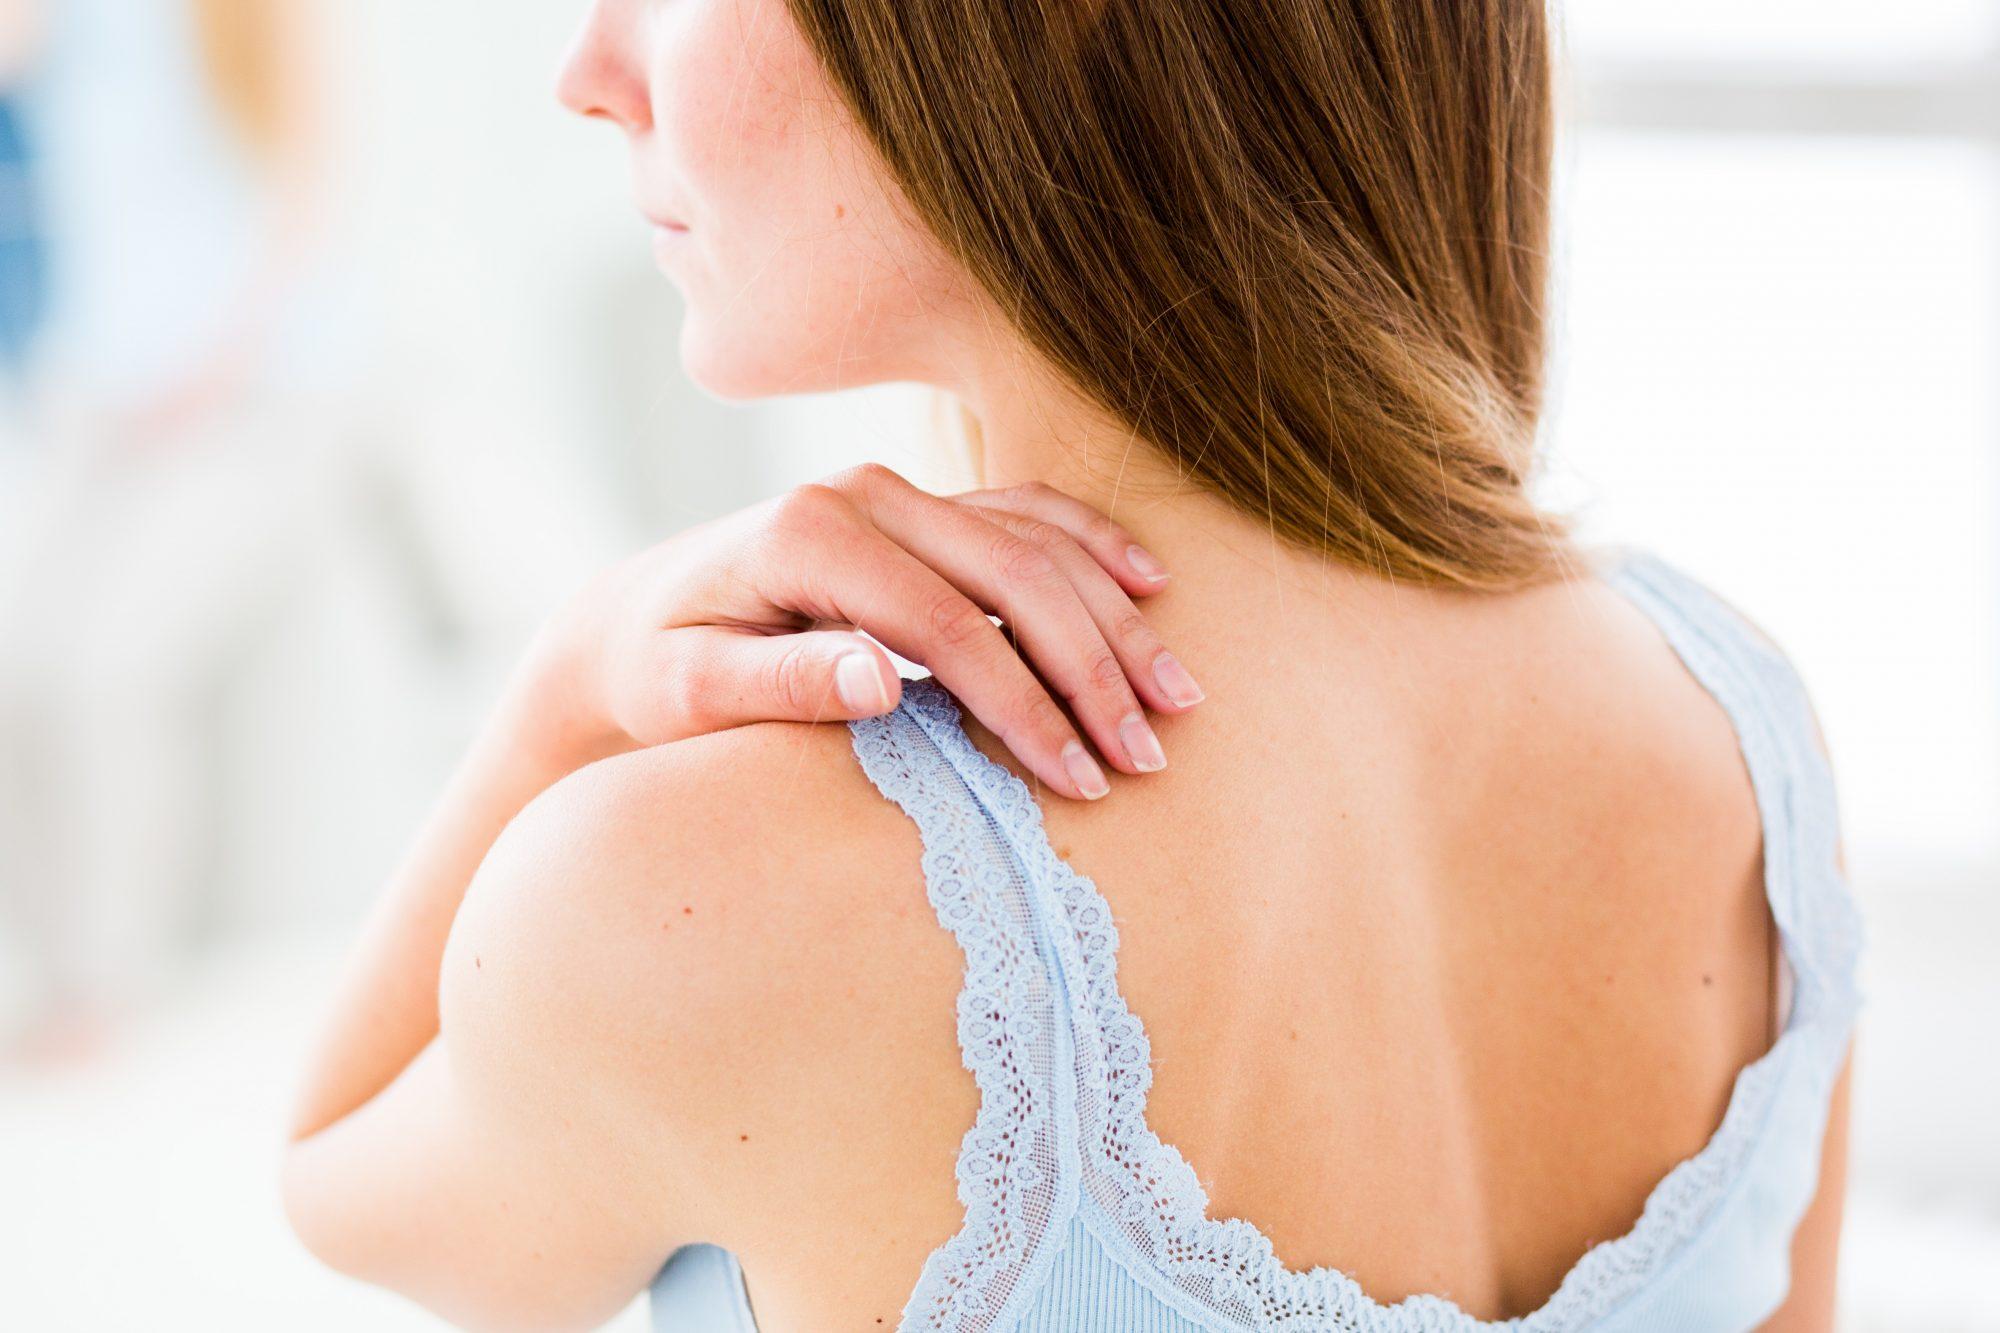 Janssen: Πλήρη κάθαρση δέρματος στην ψωρίαση διάρκειας 5 ετών πέτυχε το Guselkumab της Janssen